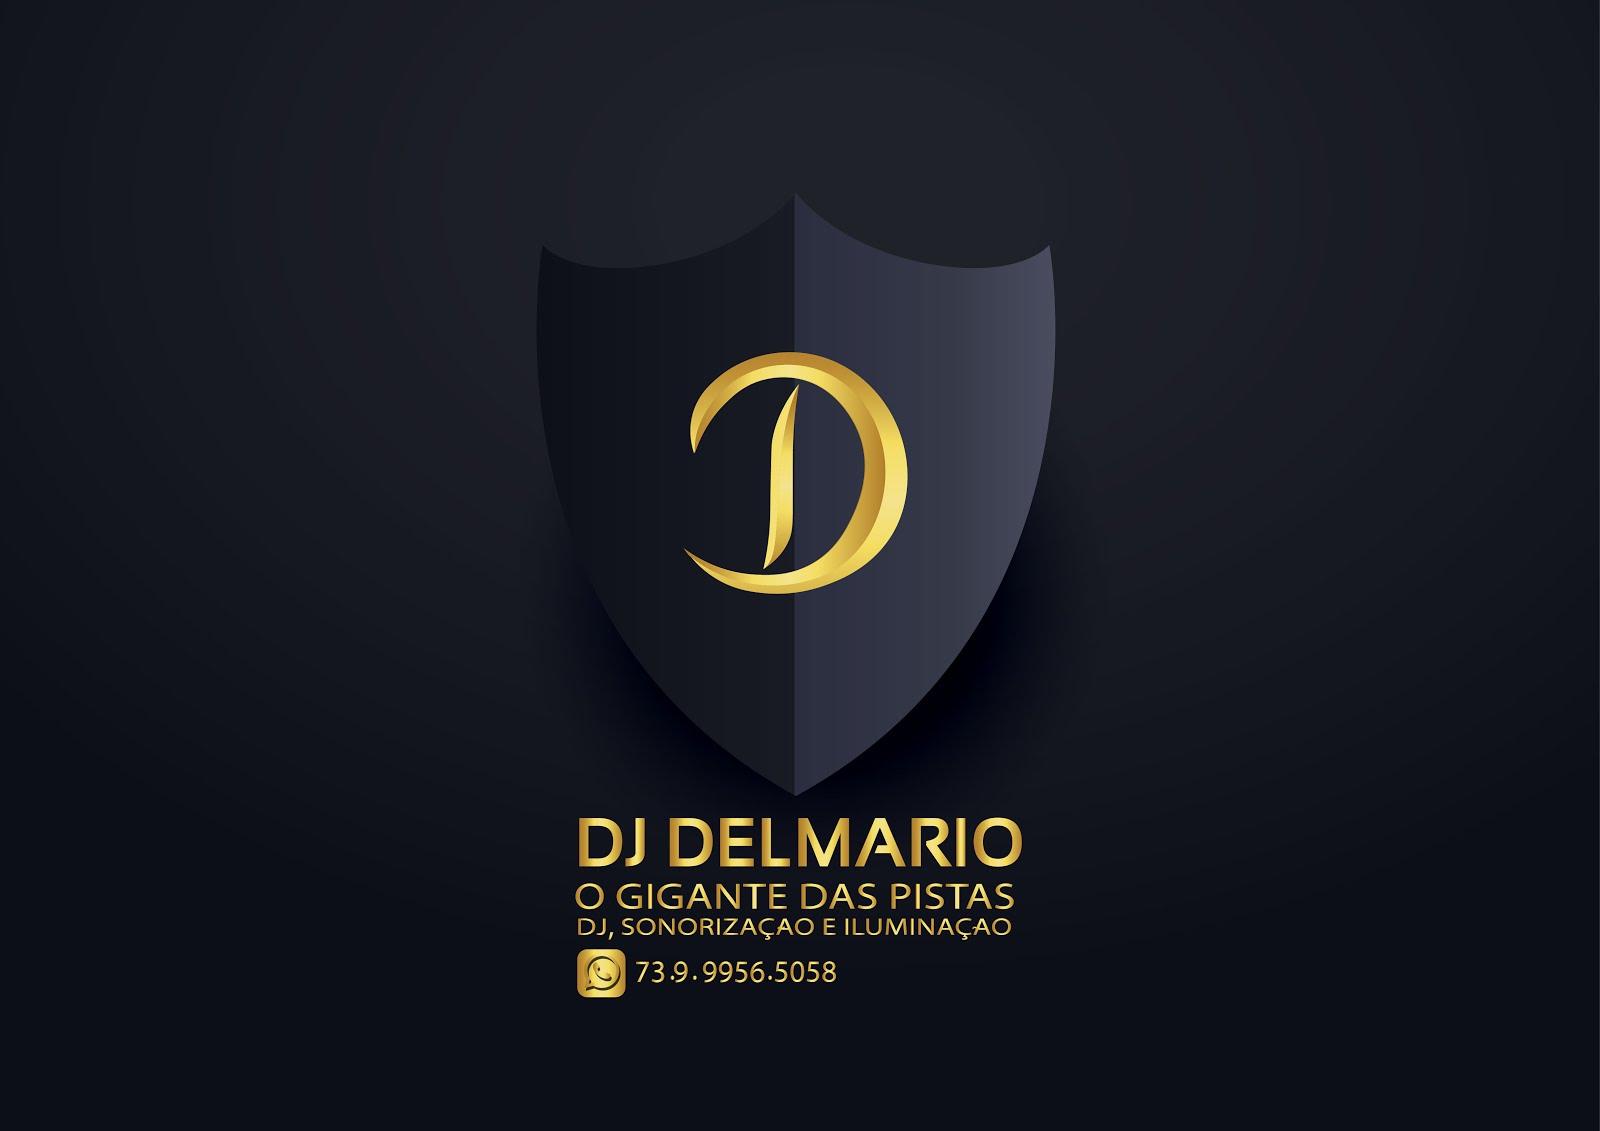 Contrate o Dj Dellmário.